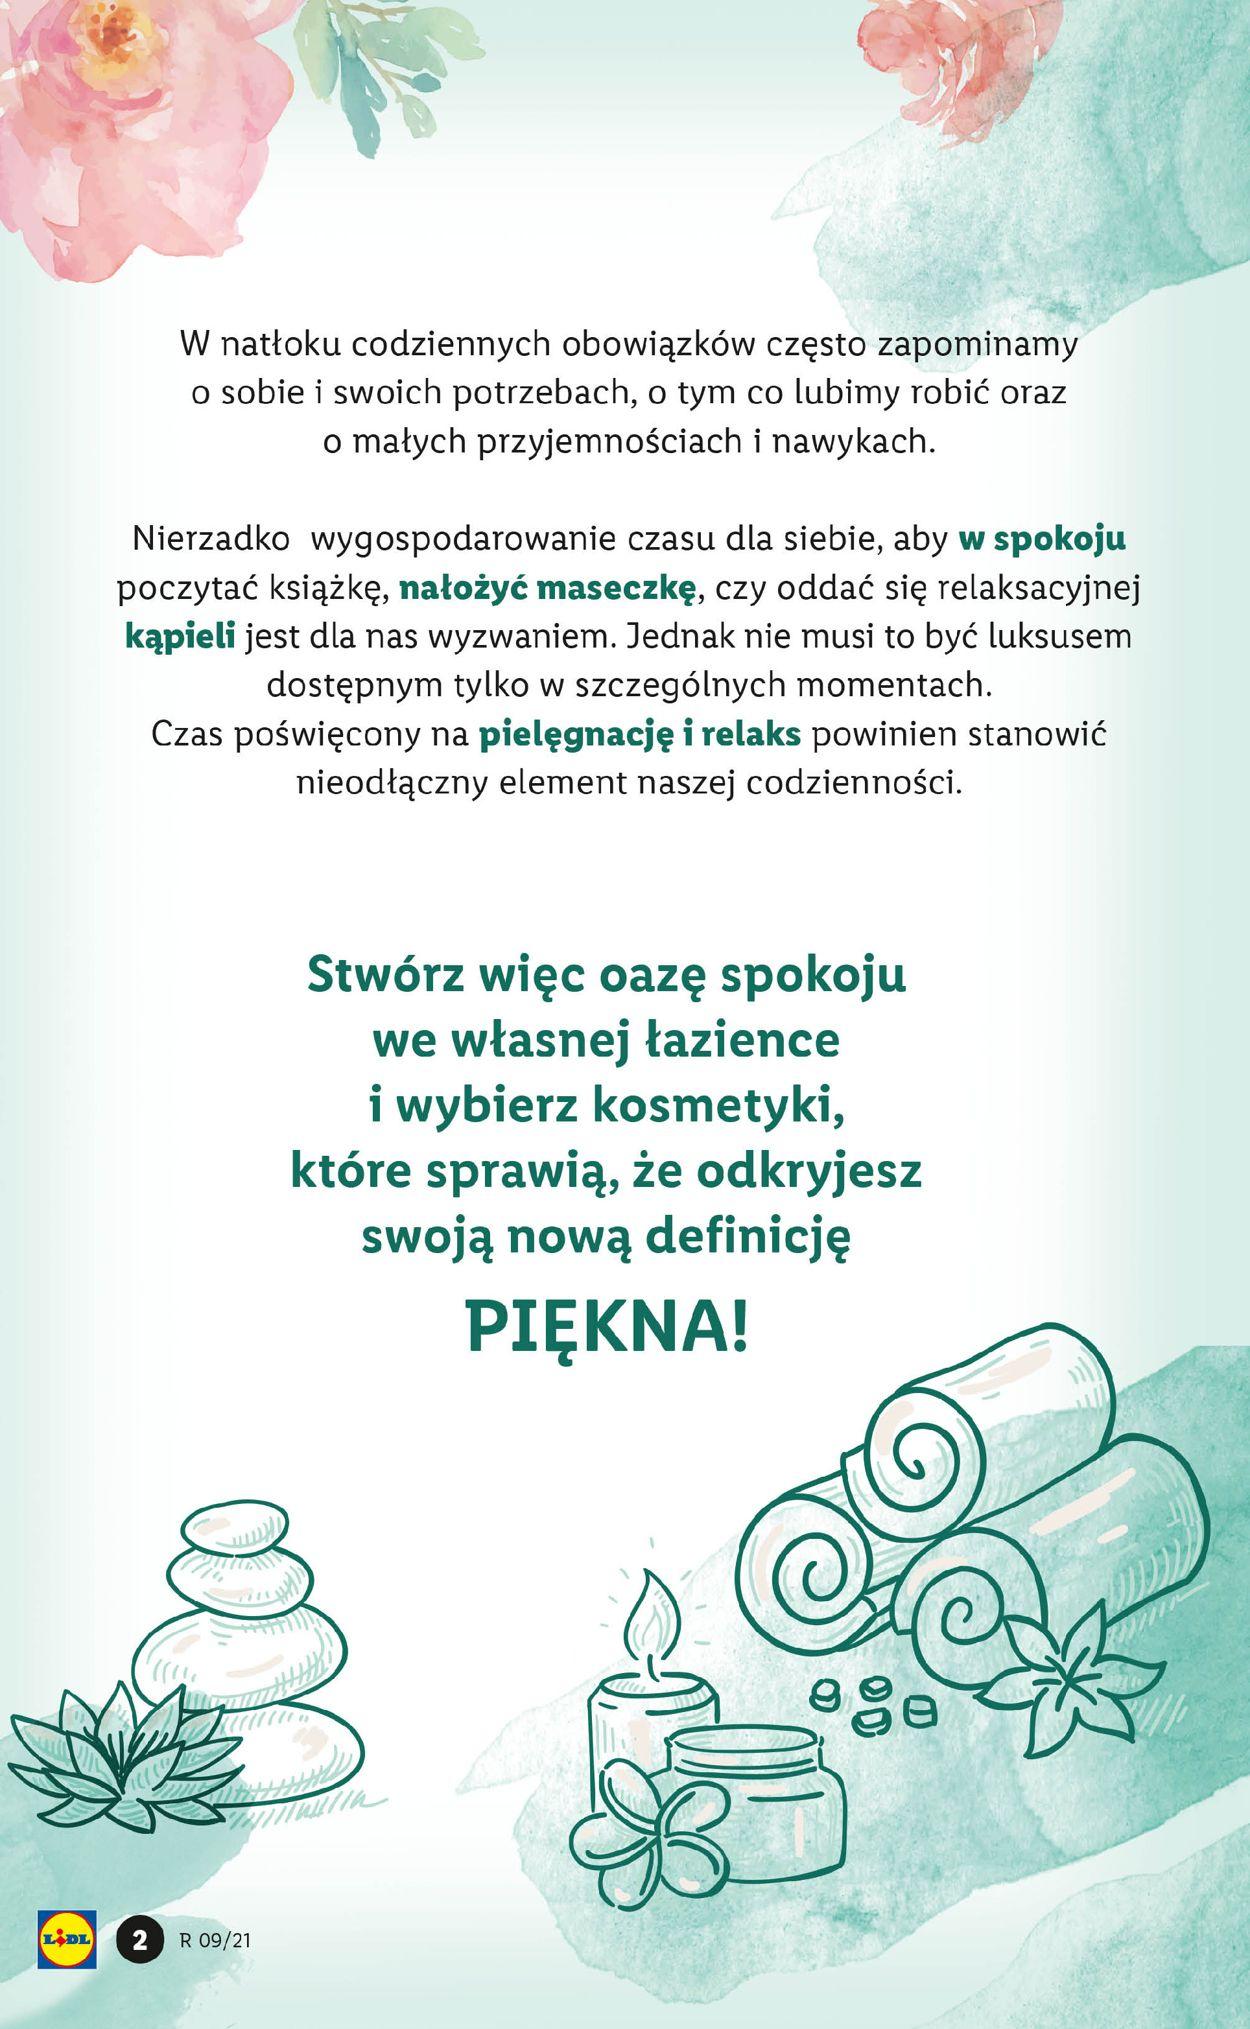 Gazetka promocyjna LIDL - 03.03-09.03.2021 (Strona 2)